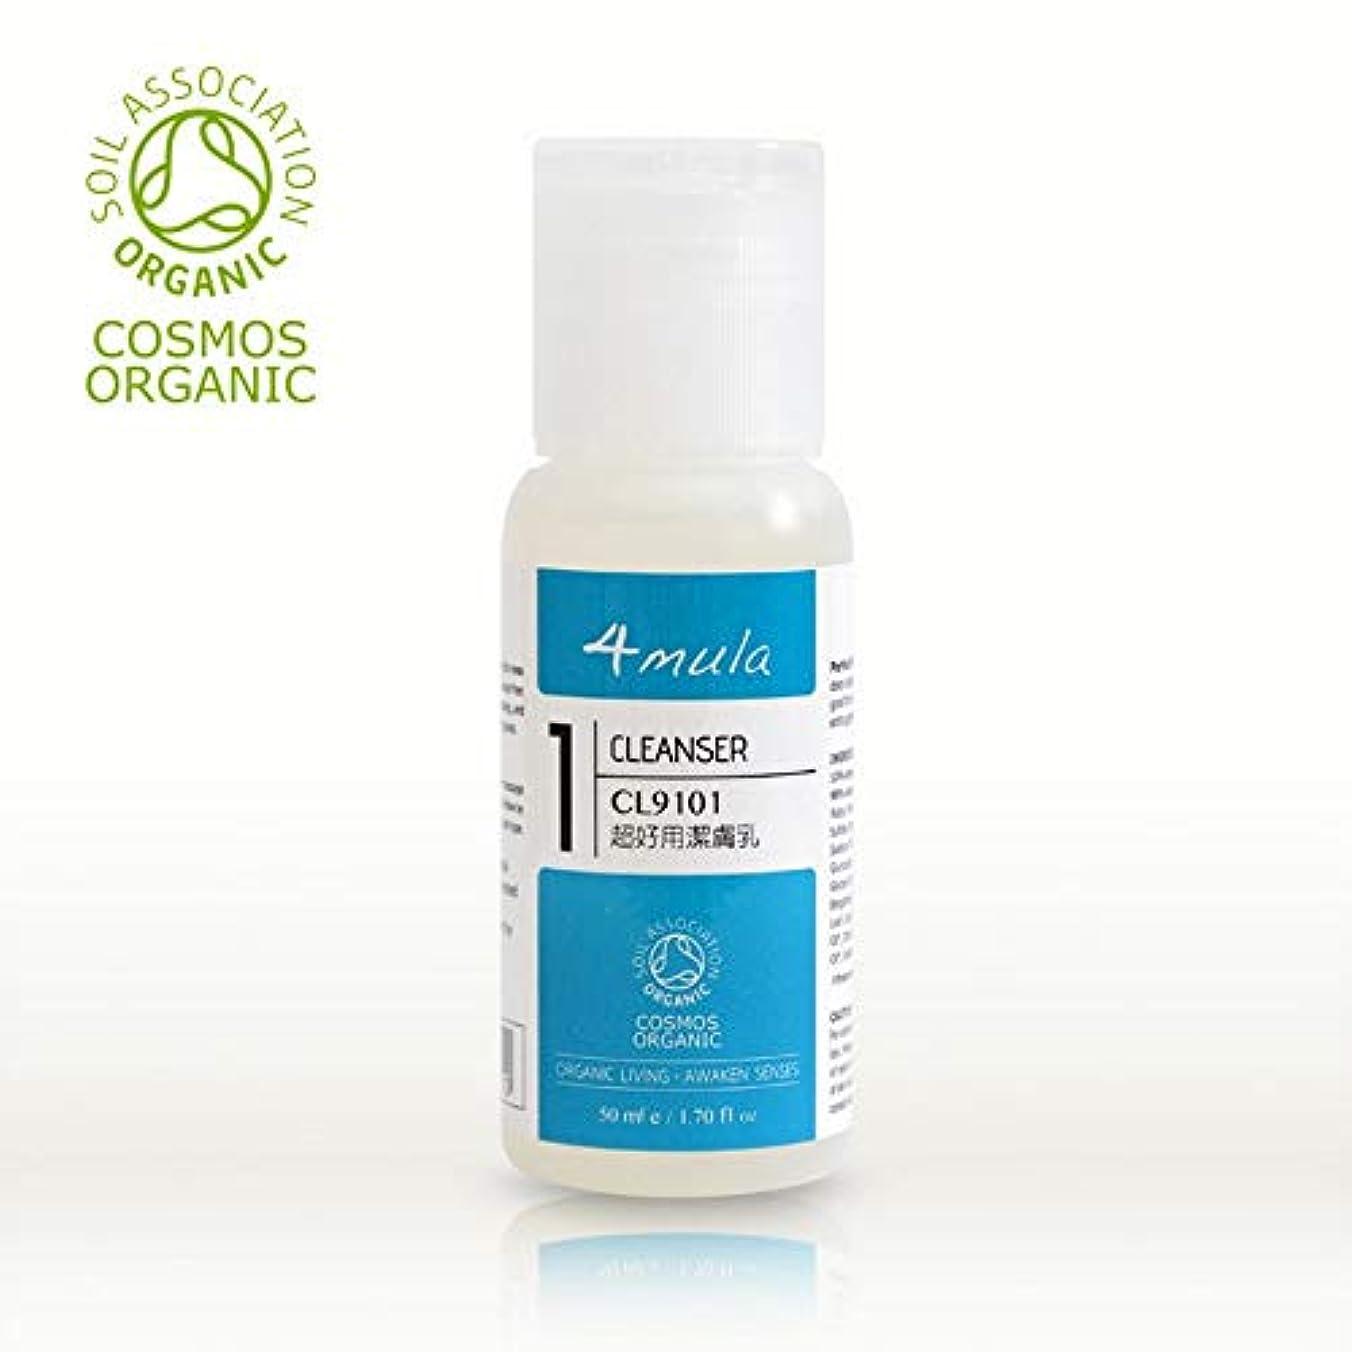 ミシンステープル突然のCL9101 超好用潔膚乳 PERFECT WASH CL9101 50ml/1.70 fl oz